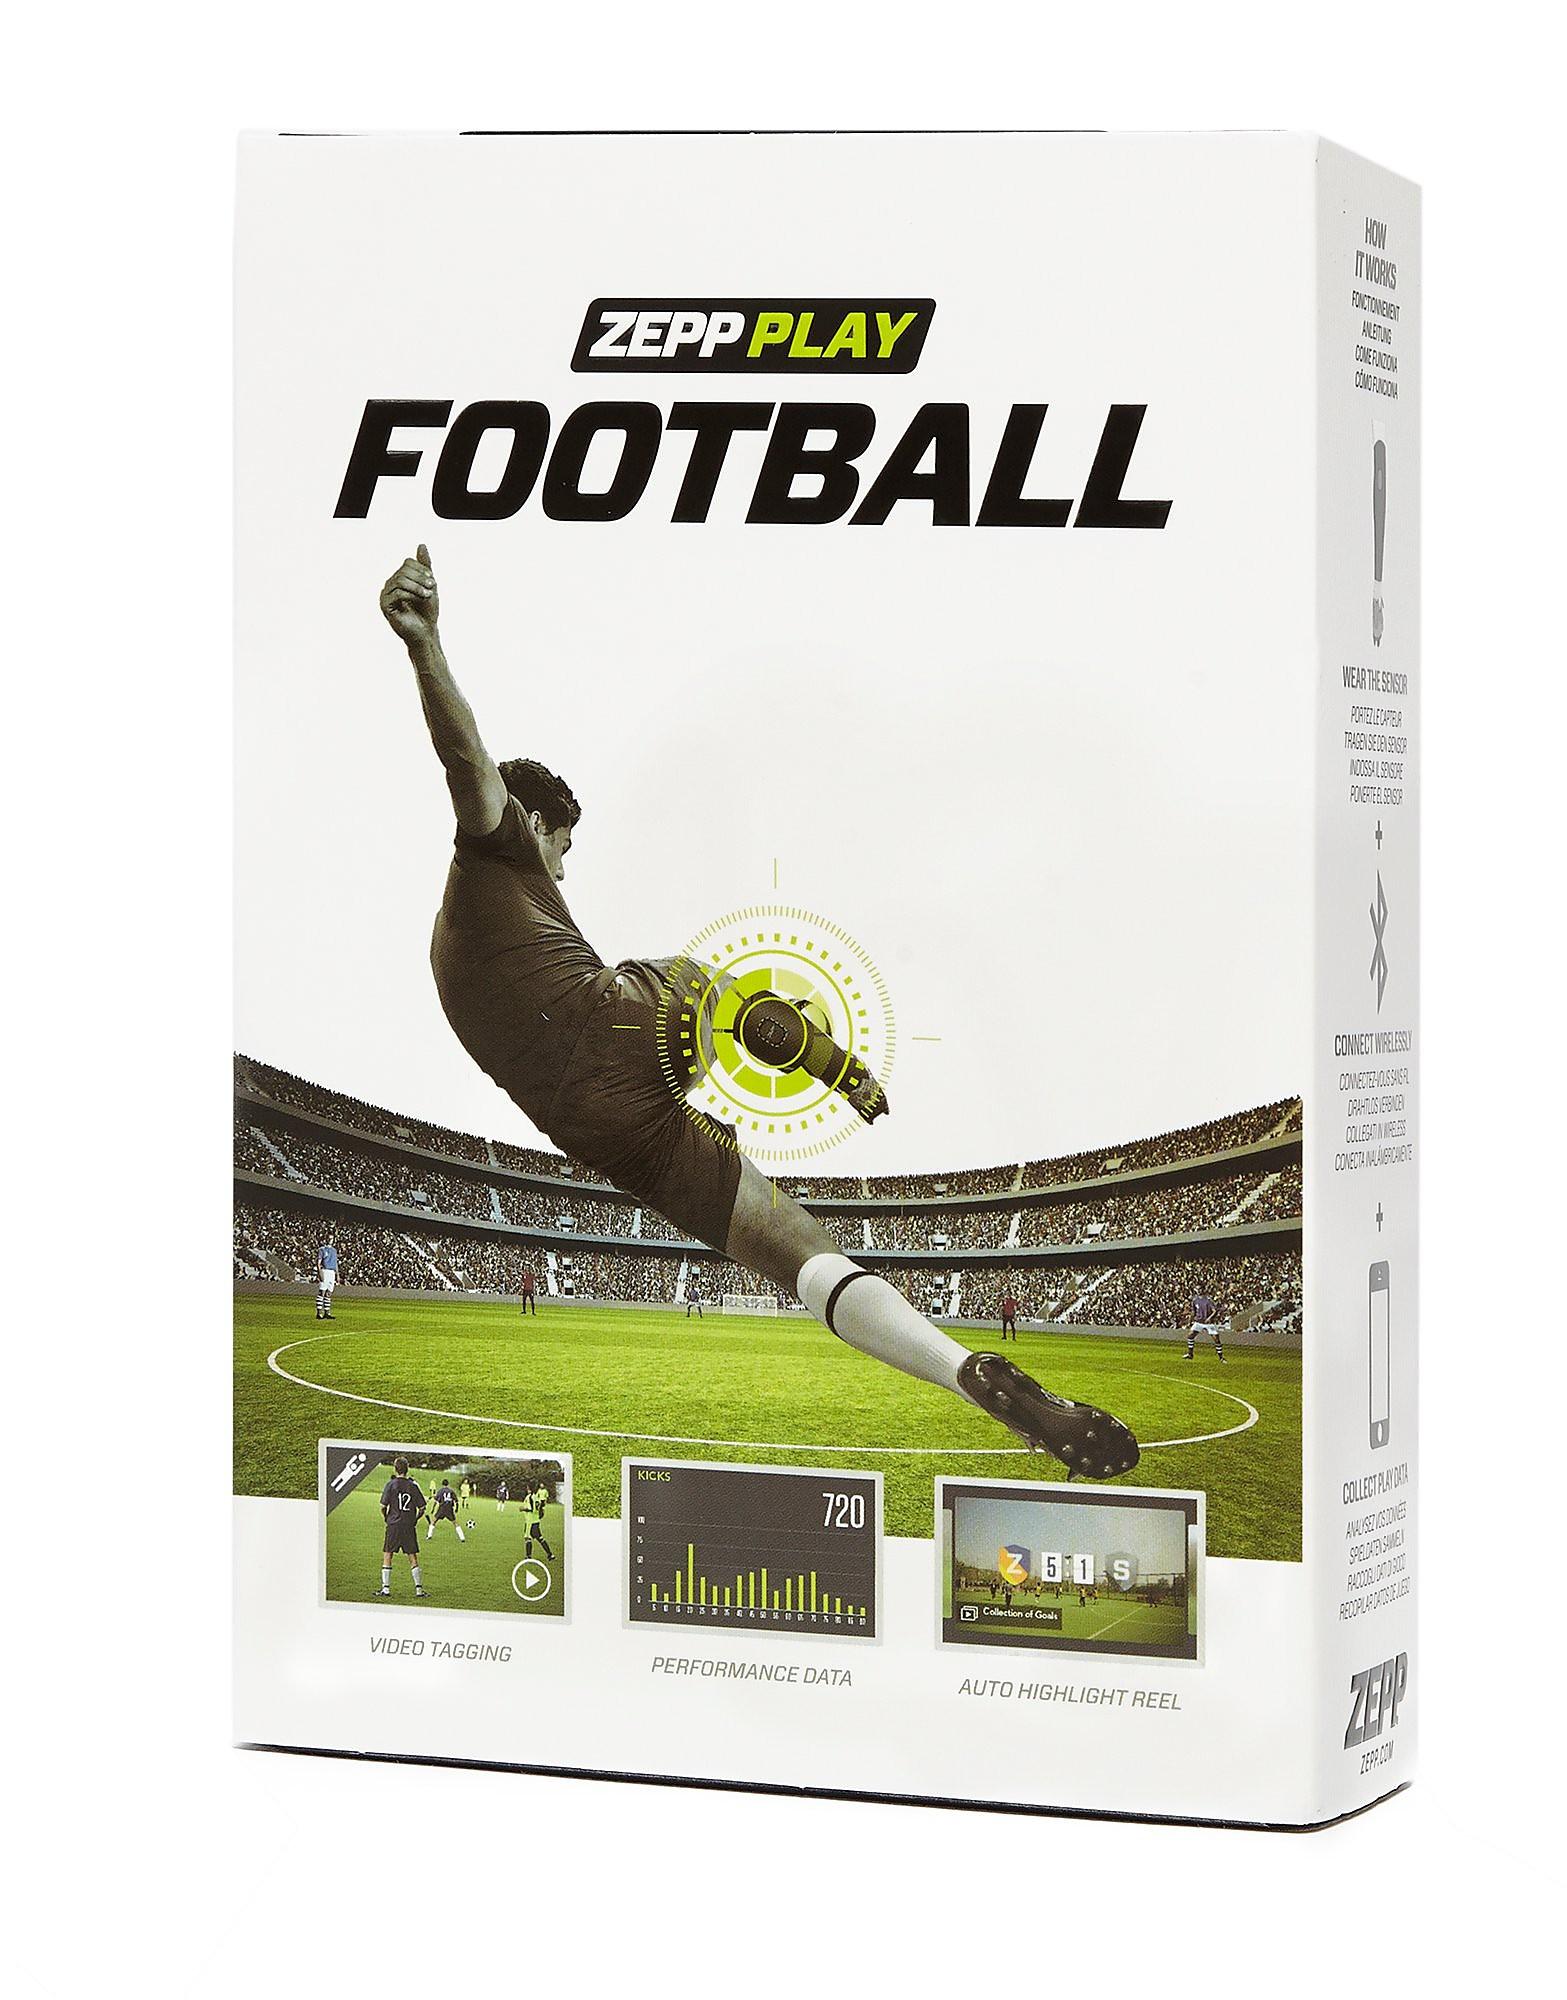 Second Chance Zepp Play Football Sensor